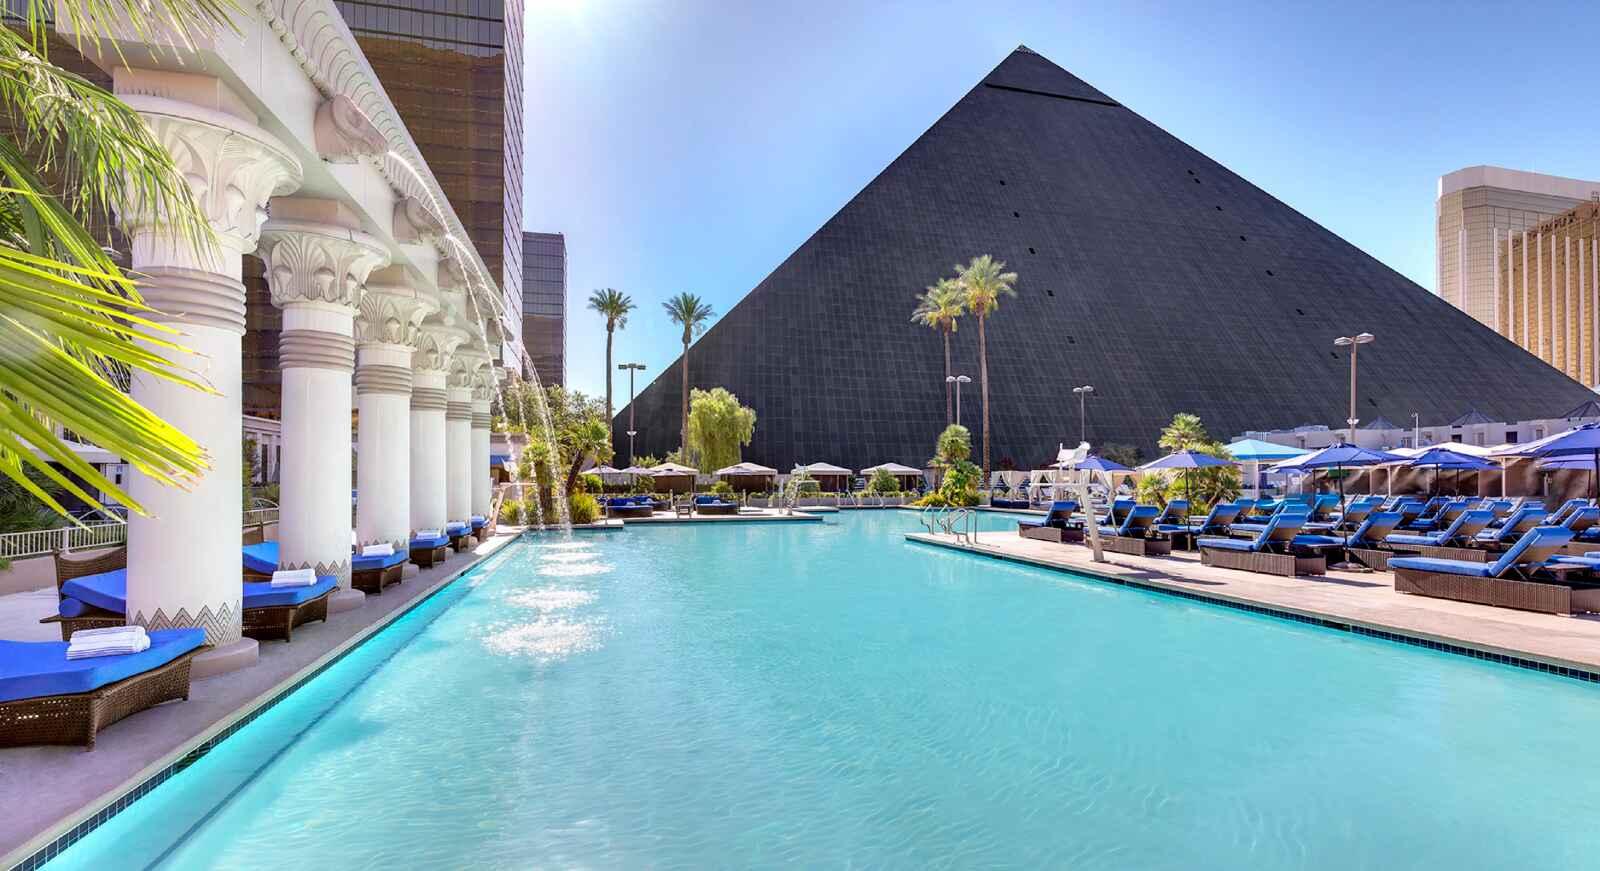 Voyage Amérique du Nord - Luxor Hotel & Casino